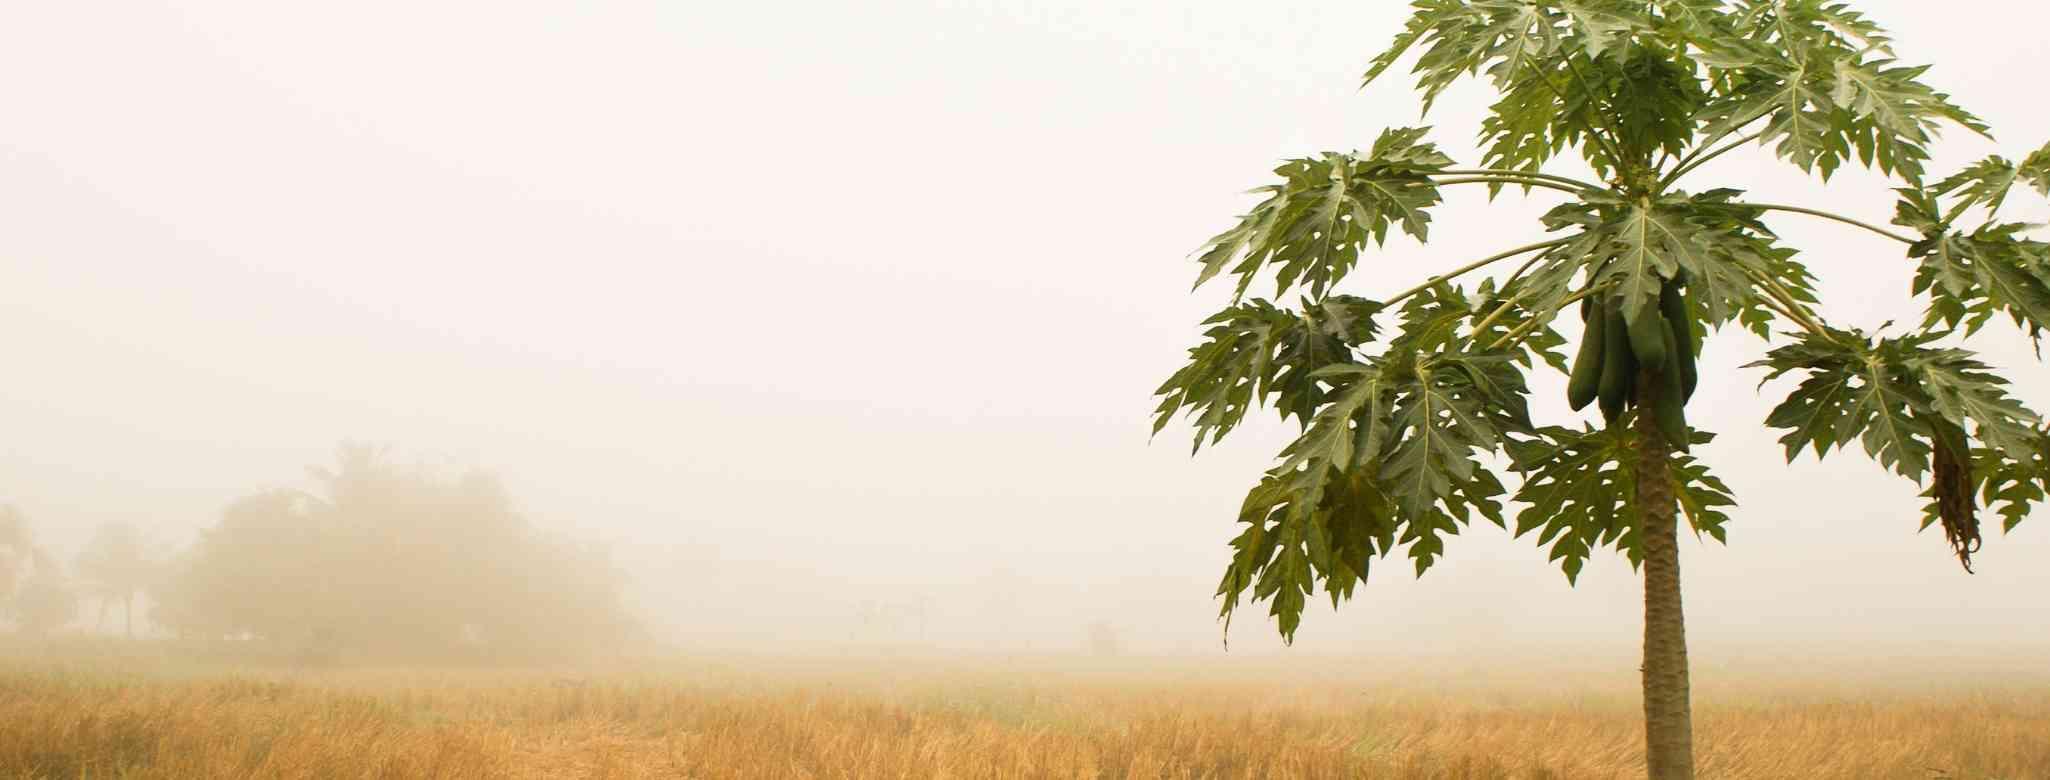 לגזום עצי פפאיה